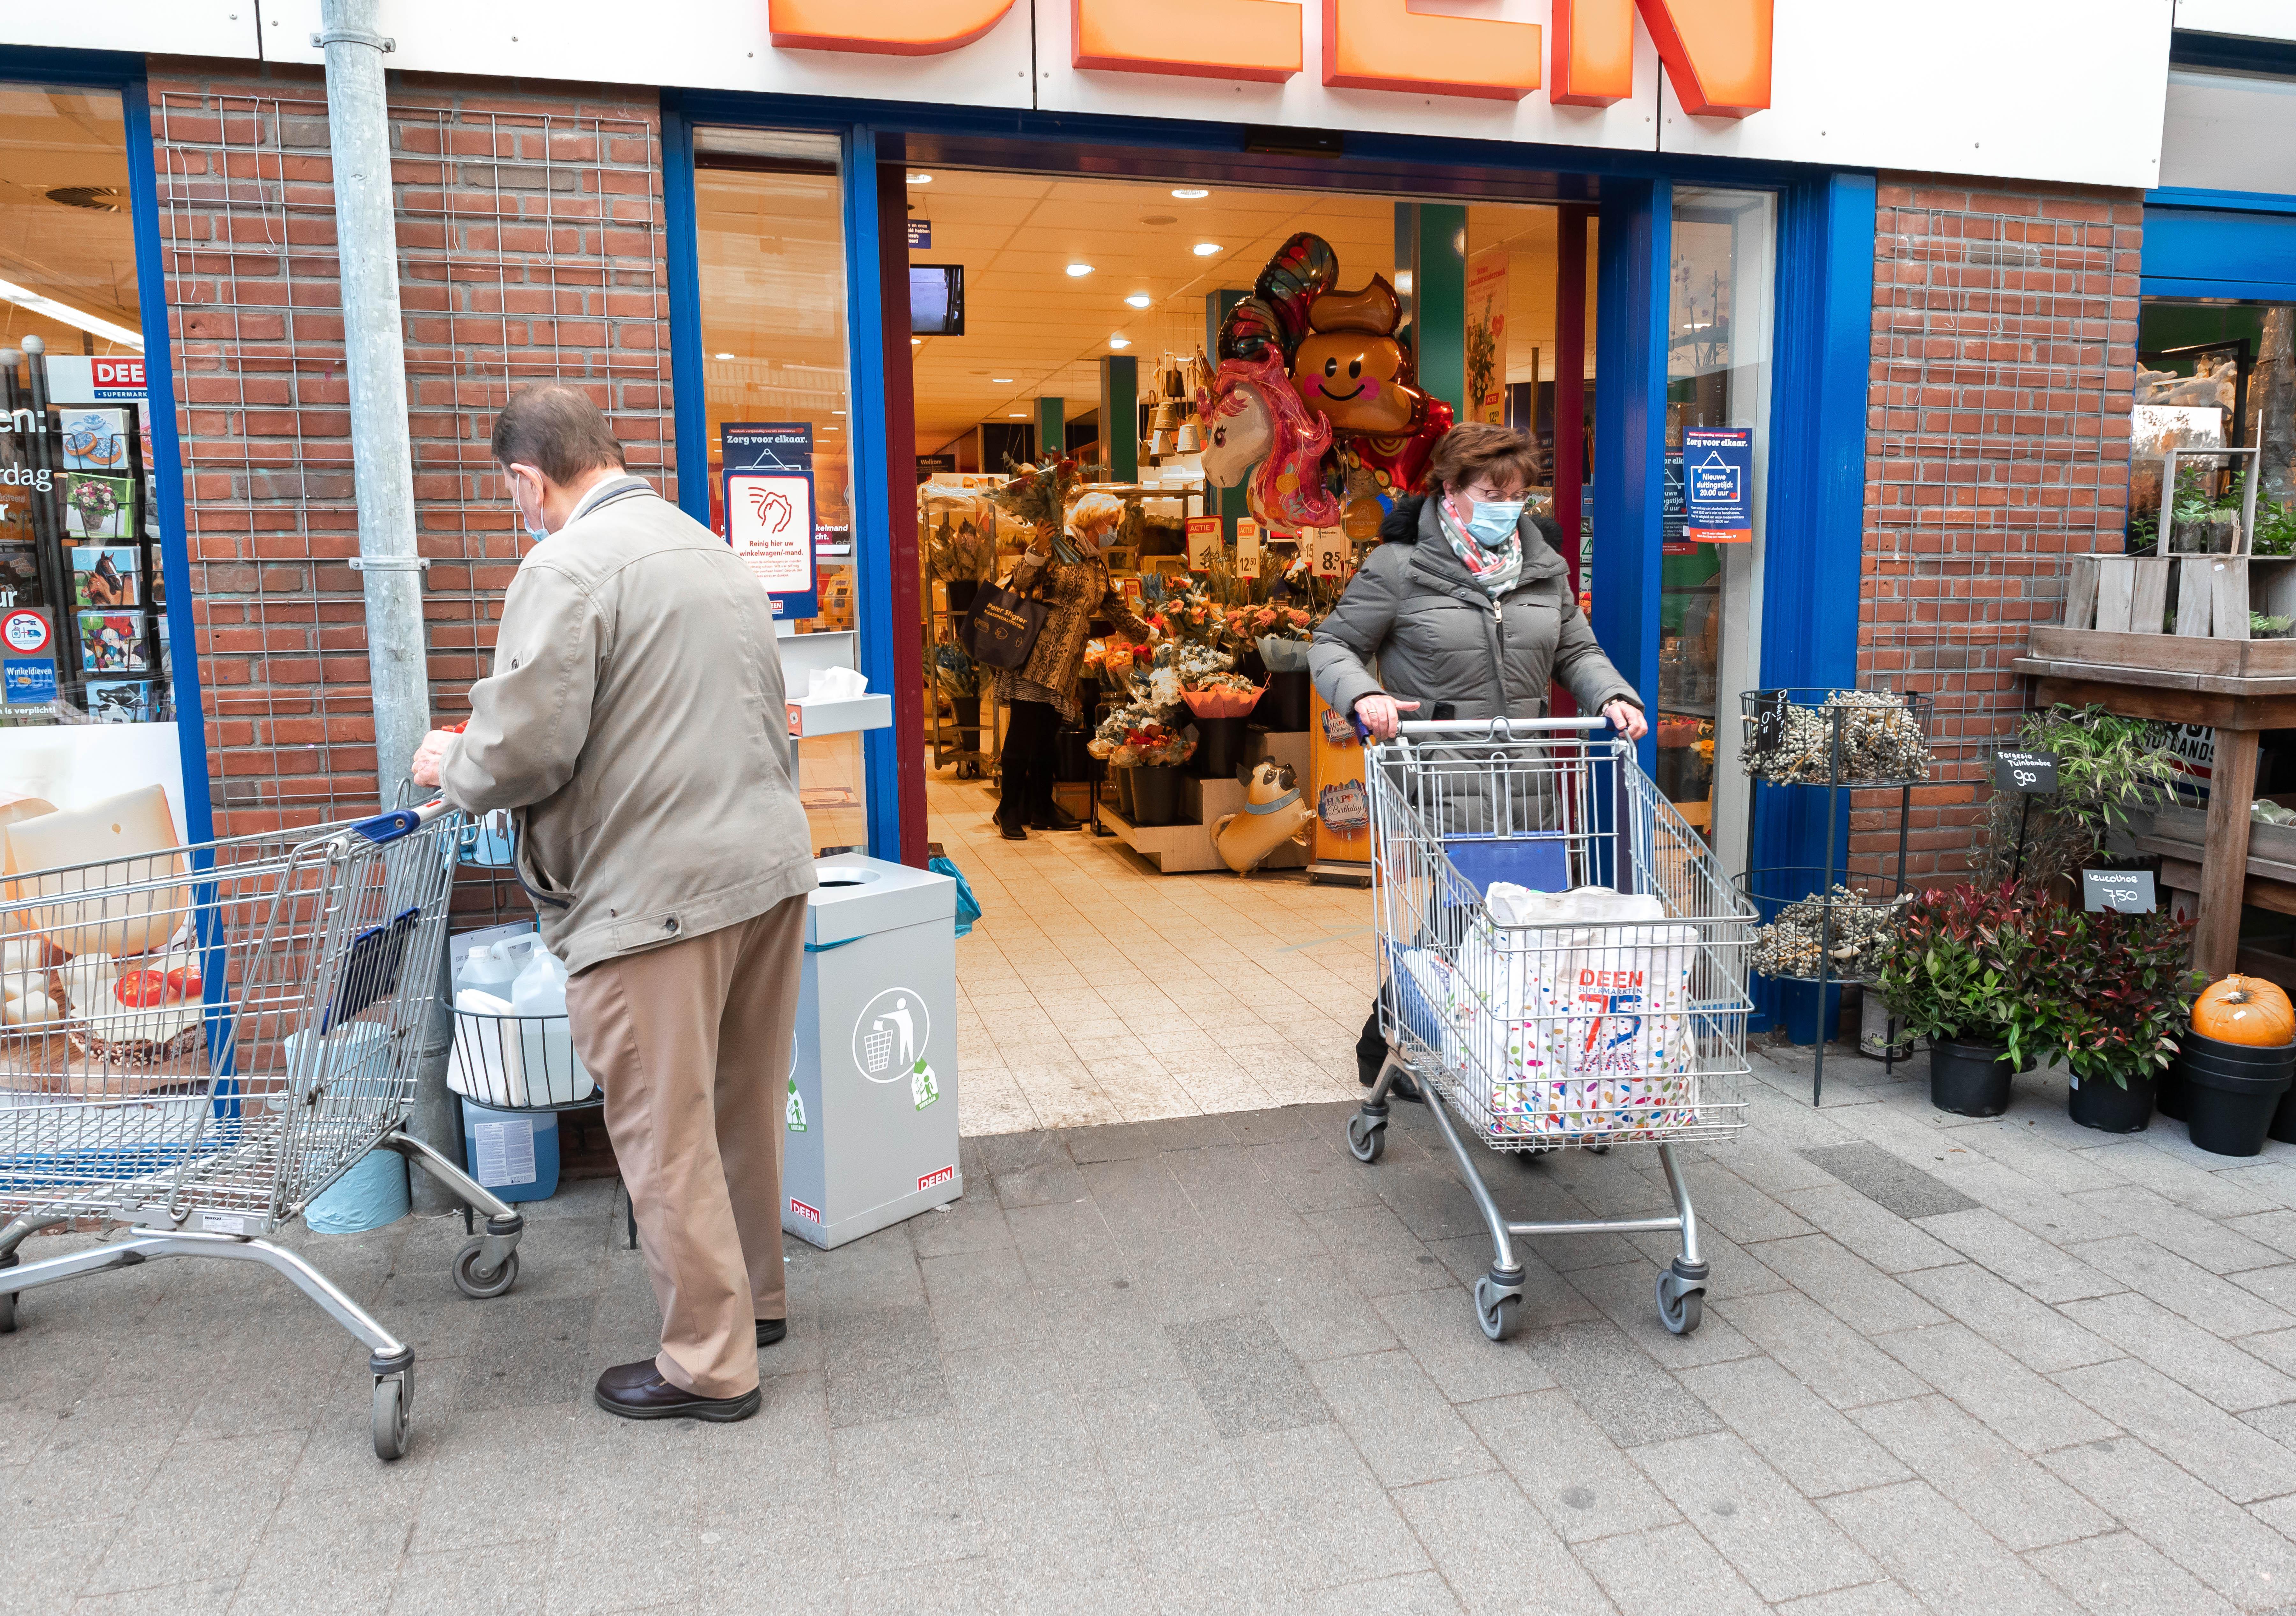 Corona: in Zaandam-Poelenburg en in Volendam testte 1,5 % van de bewoners afgelopen maand positief